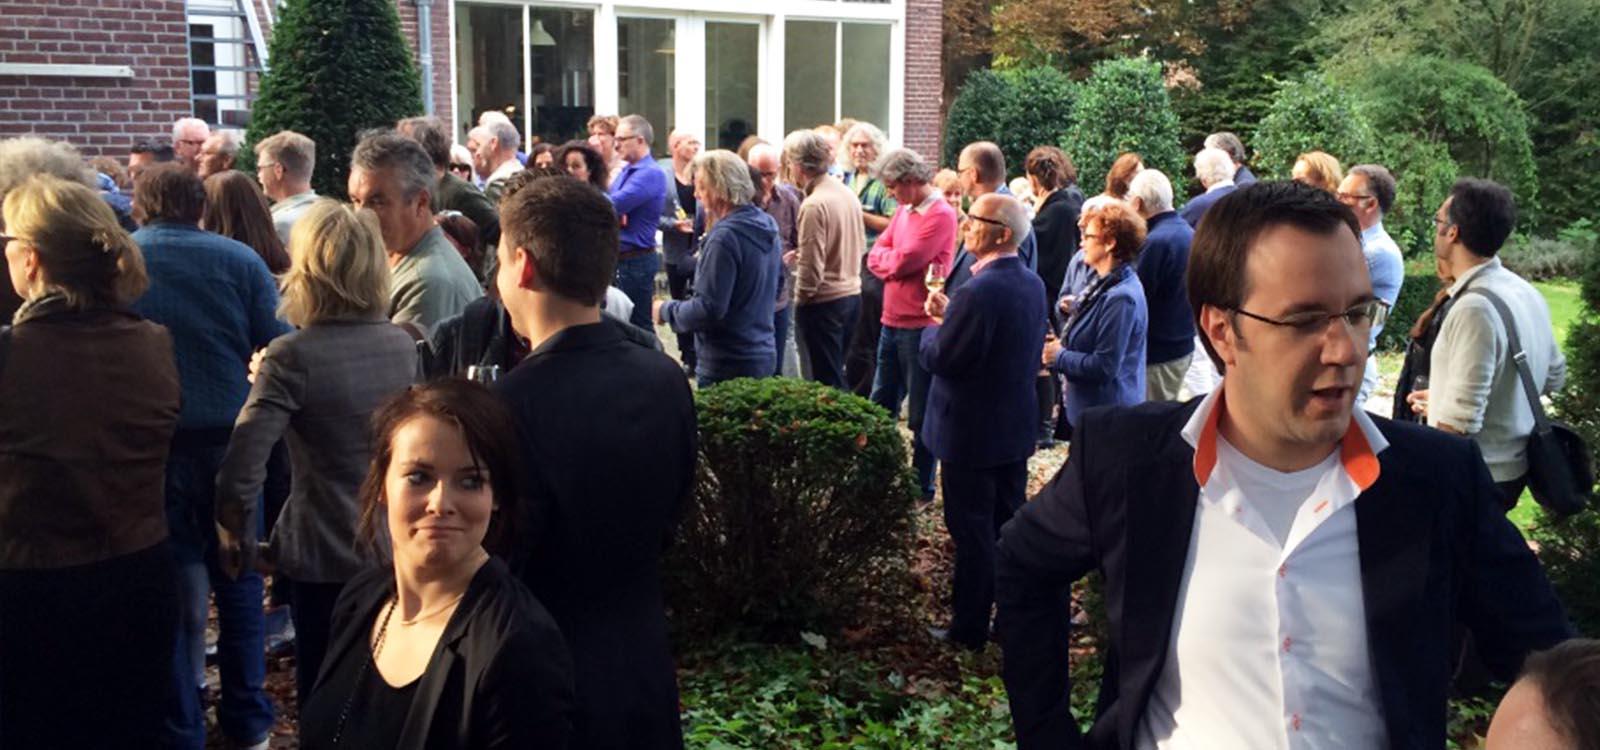 pastorie eindhoven opening 2014 hoogstraat coen